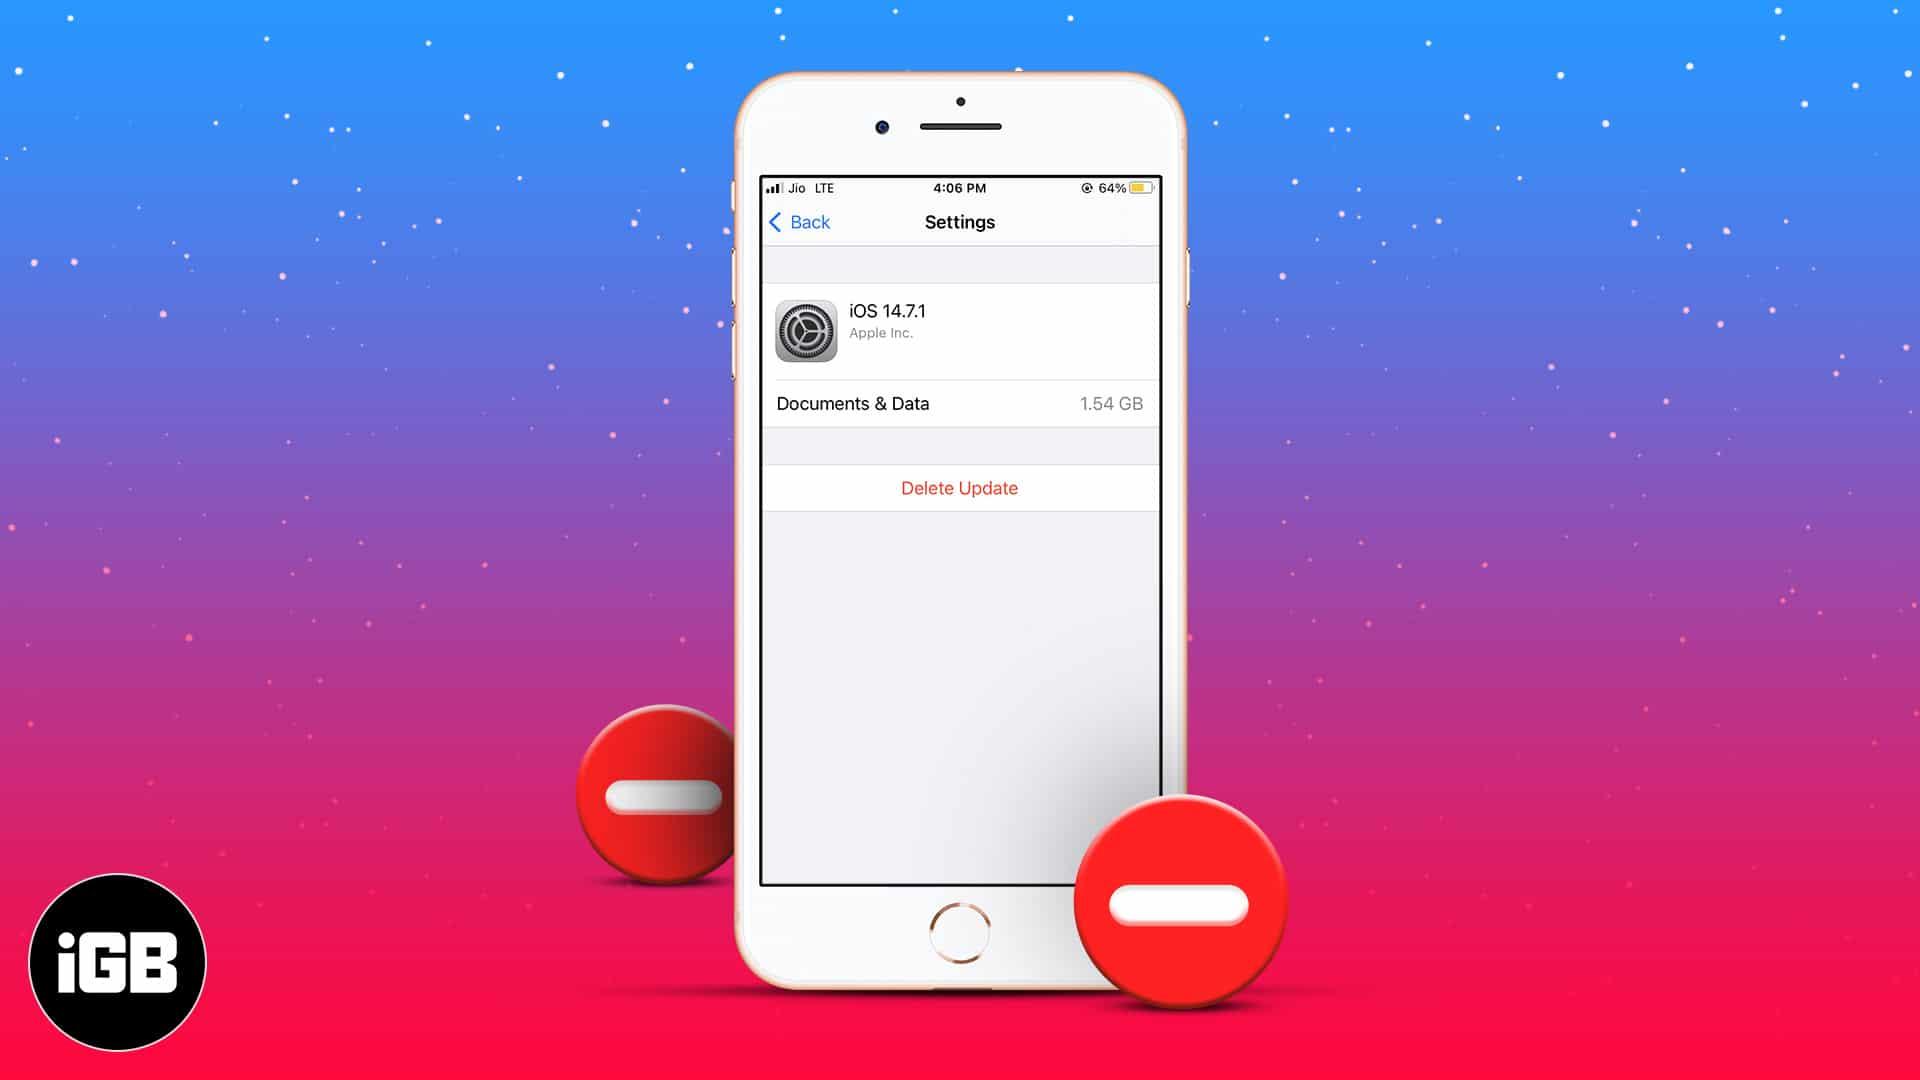 Comment supprimer une mise à jour iPhone?